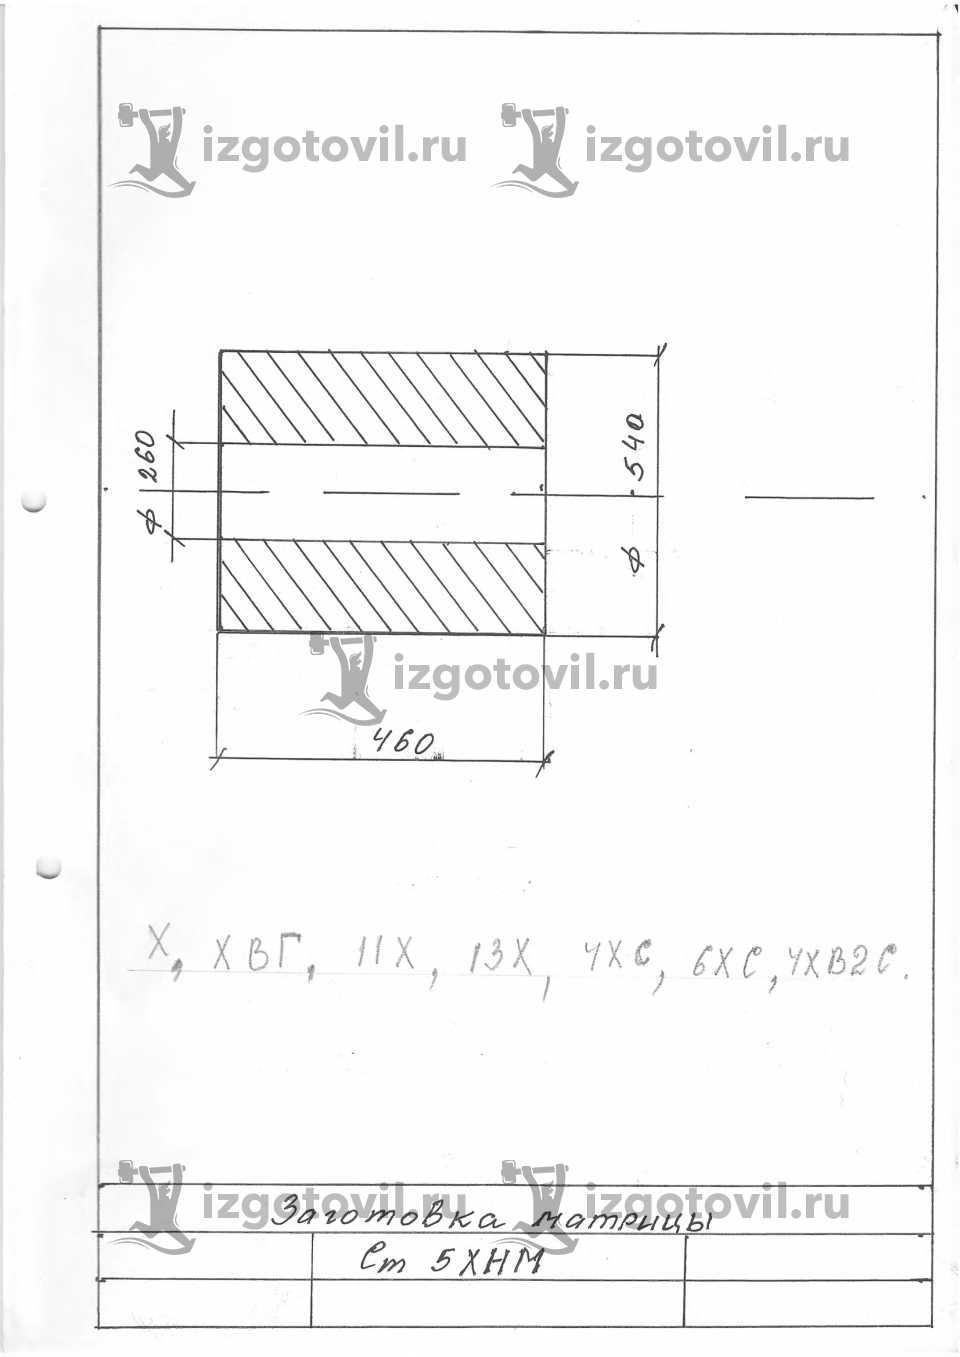 Токарная обработка металла-изготовление матрицы